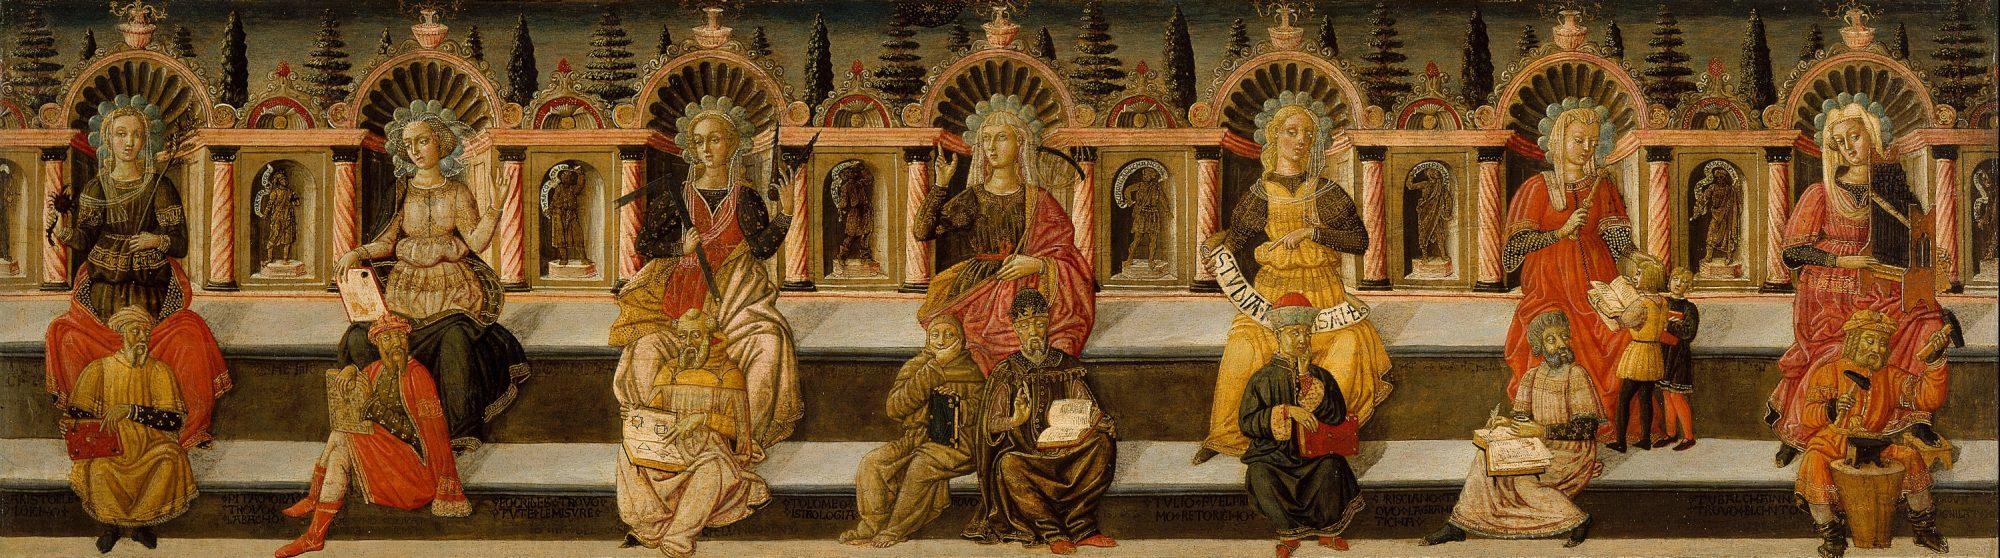 cropped-Giovanni_di_Ser_Giovanni_Guidi_The_Seven_Liberal_Arts